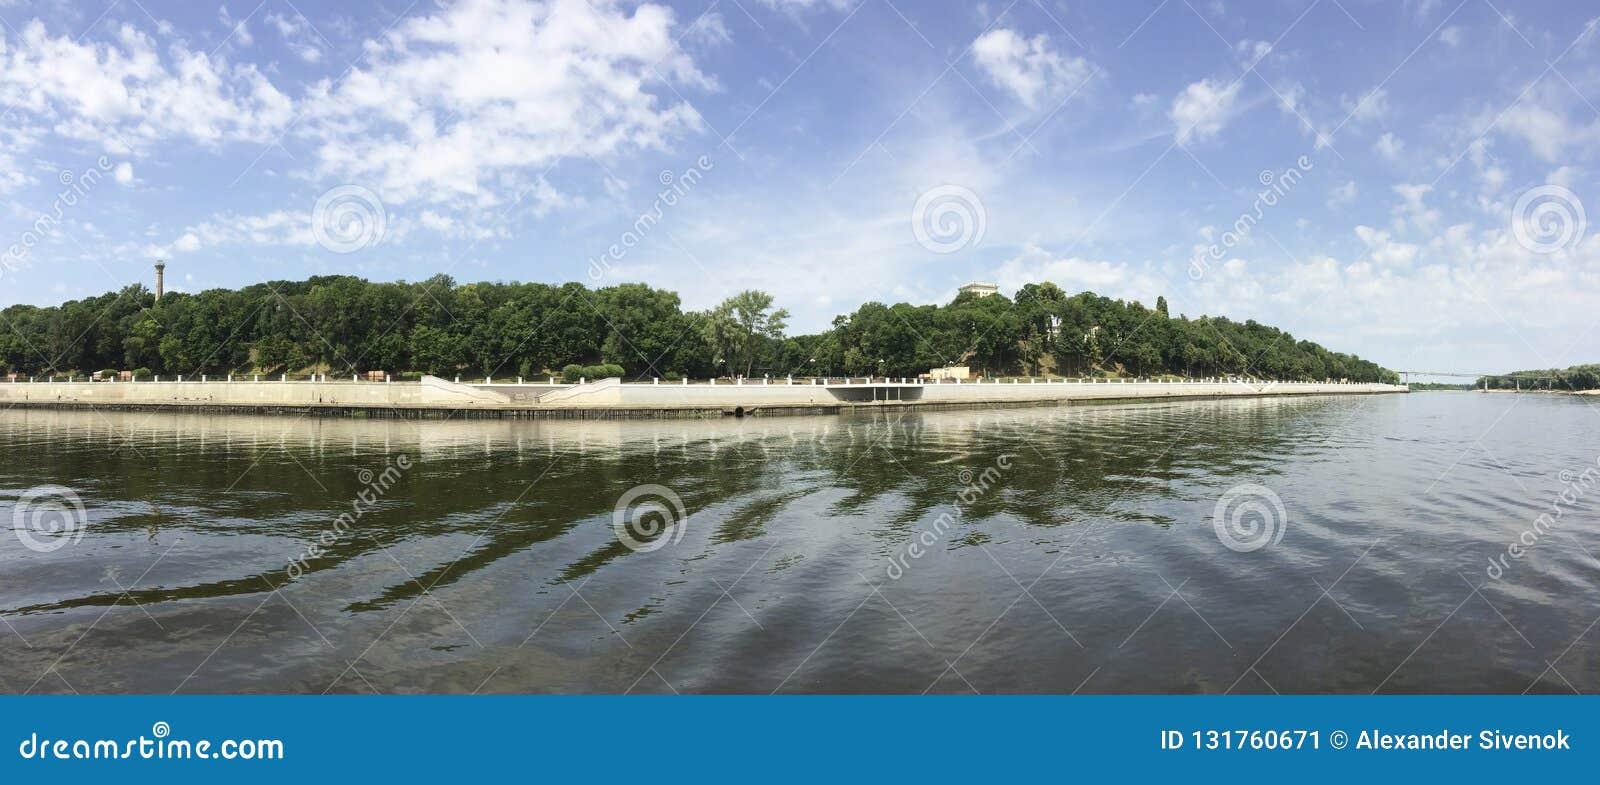 Rivière Sozh dans Gomel Belarus